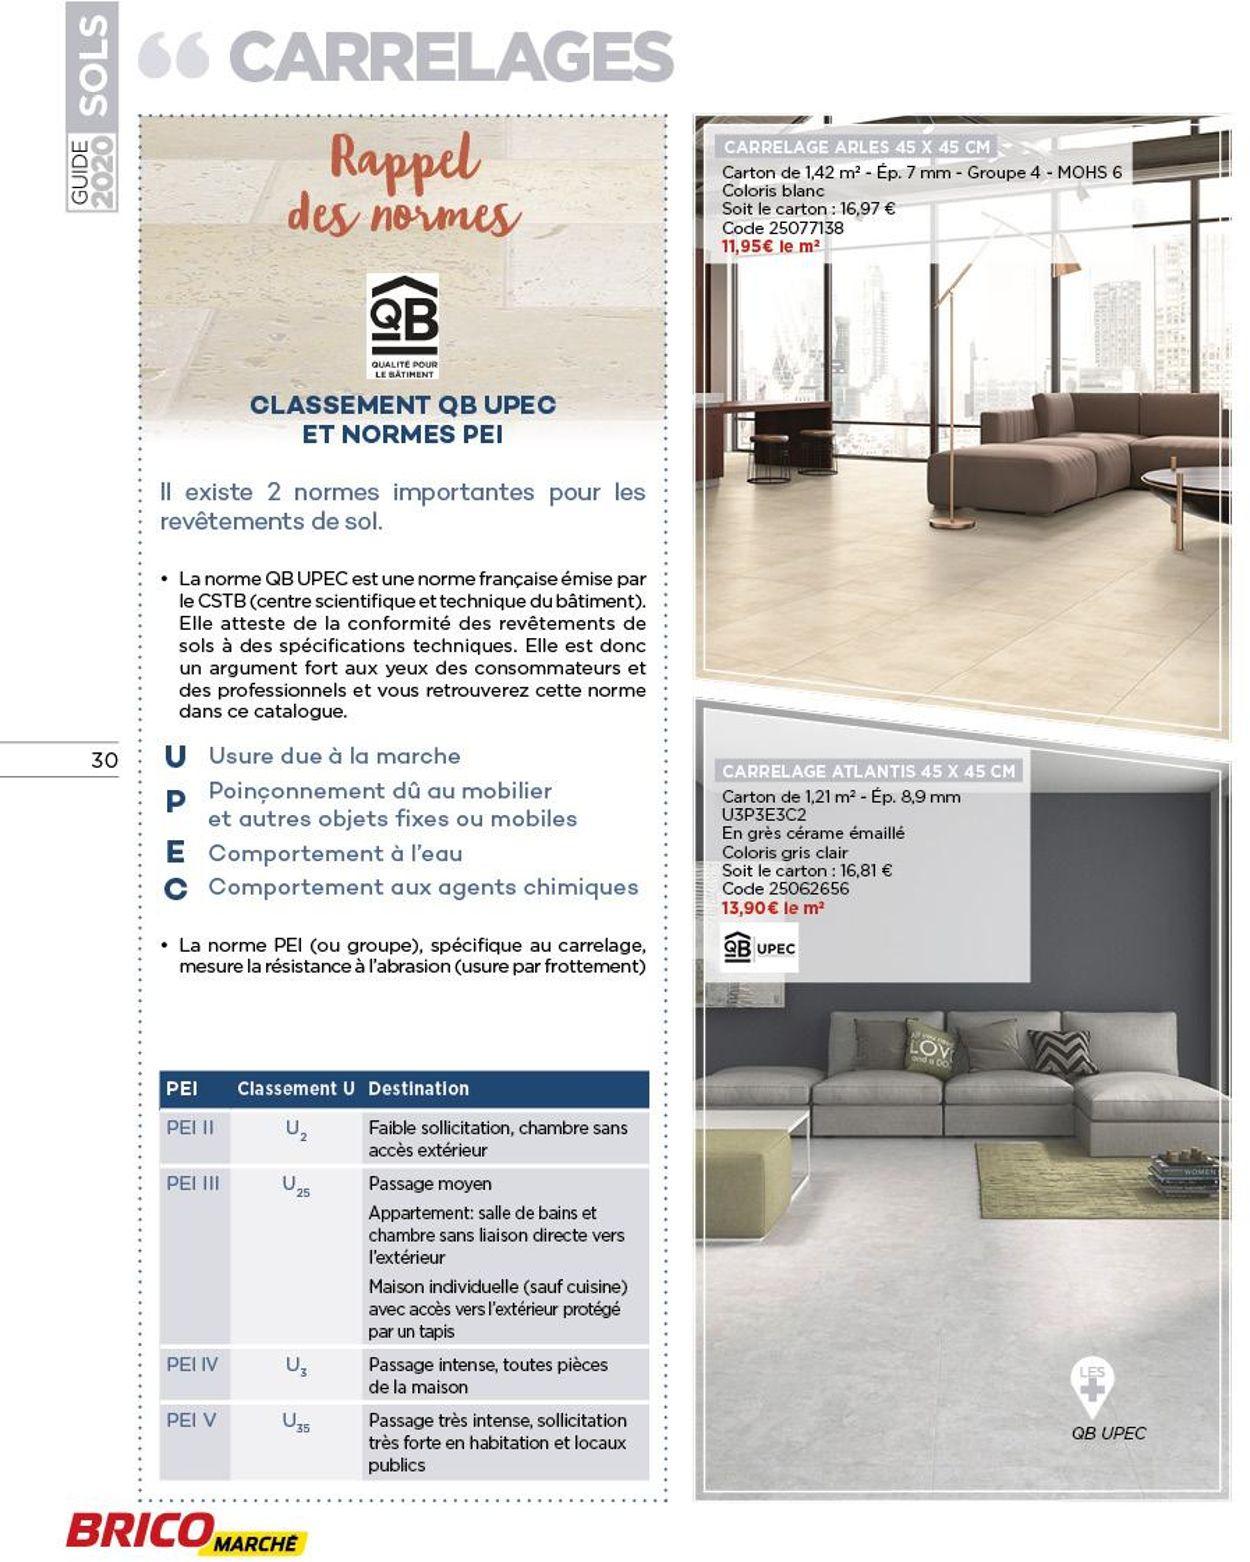 Bricomarché Catalogue Actuel 14.09 - 04.10.2020 [30 pour Bricomarché Carrelage Extérieur